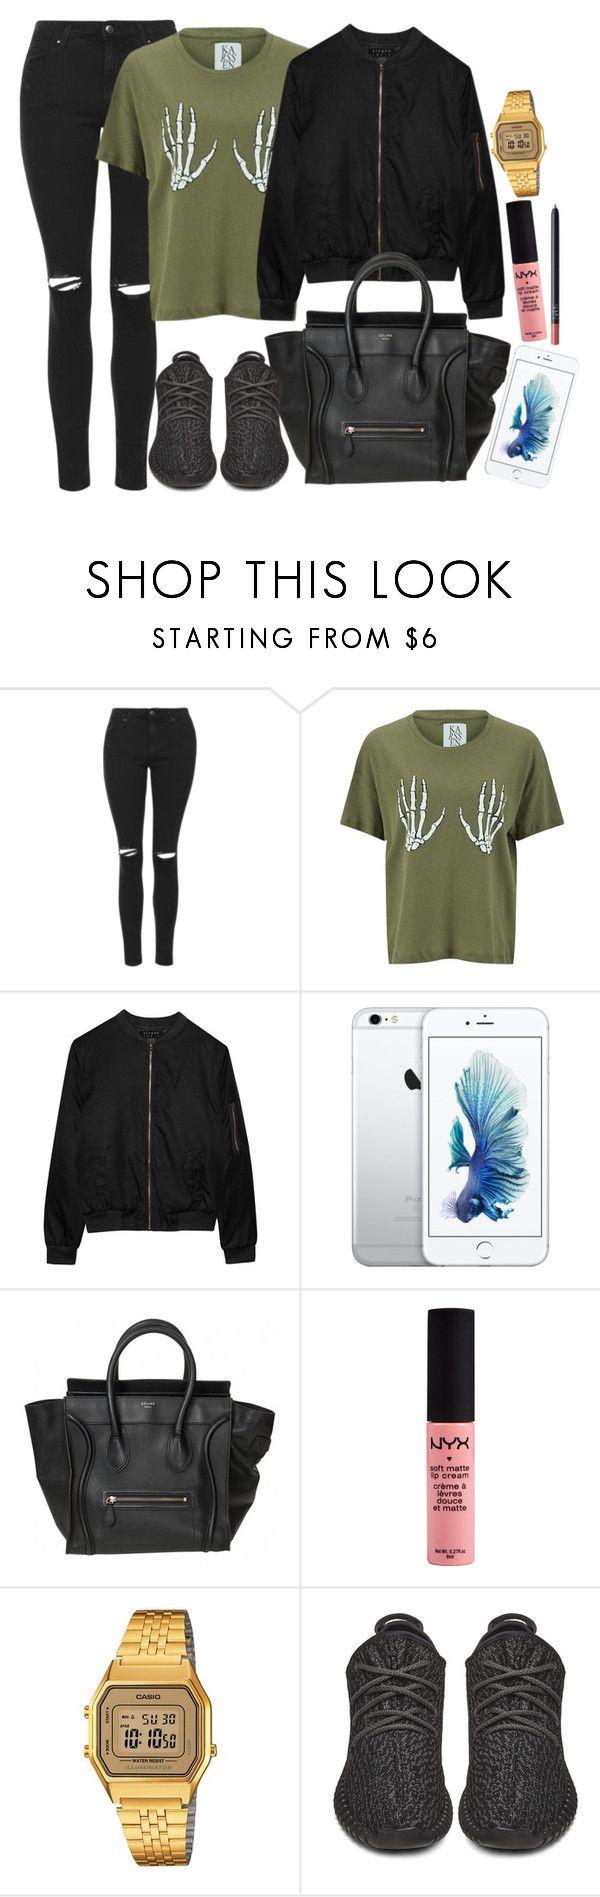 """""""Zoe Karssen , Alygne and Topshop"""" by camrzkn ❤ liked on Polyvore featuring Topshop, Zoe Karssen, Alygne, Casio, adidas Originals and NARS Cosmetics"""